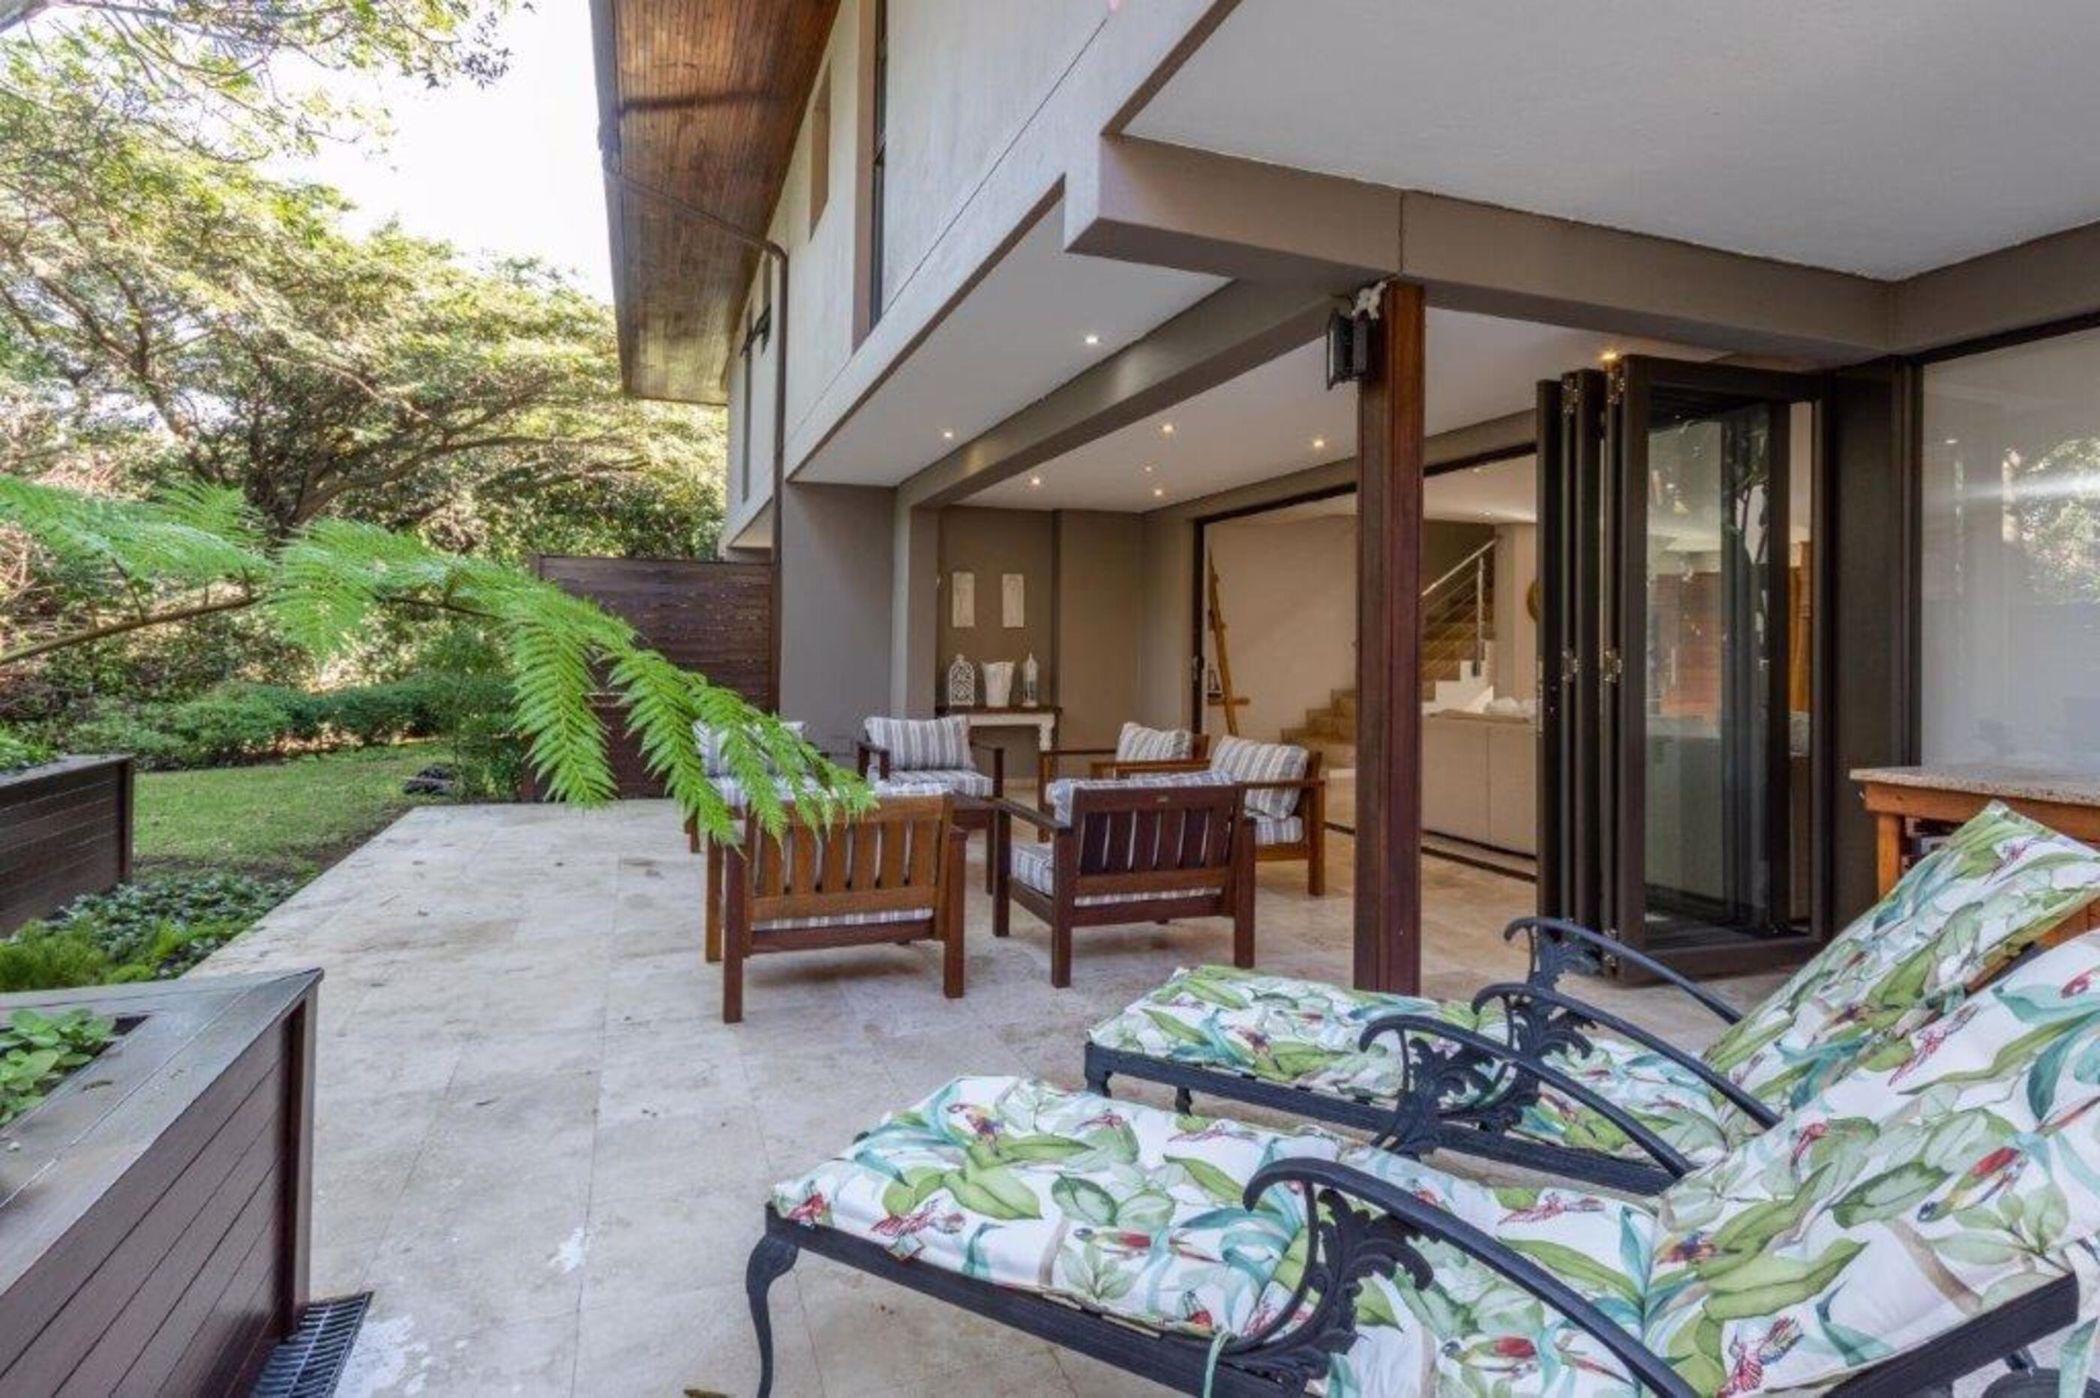 3 bedroom house for sale in Zimbali Coastal Resort